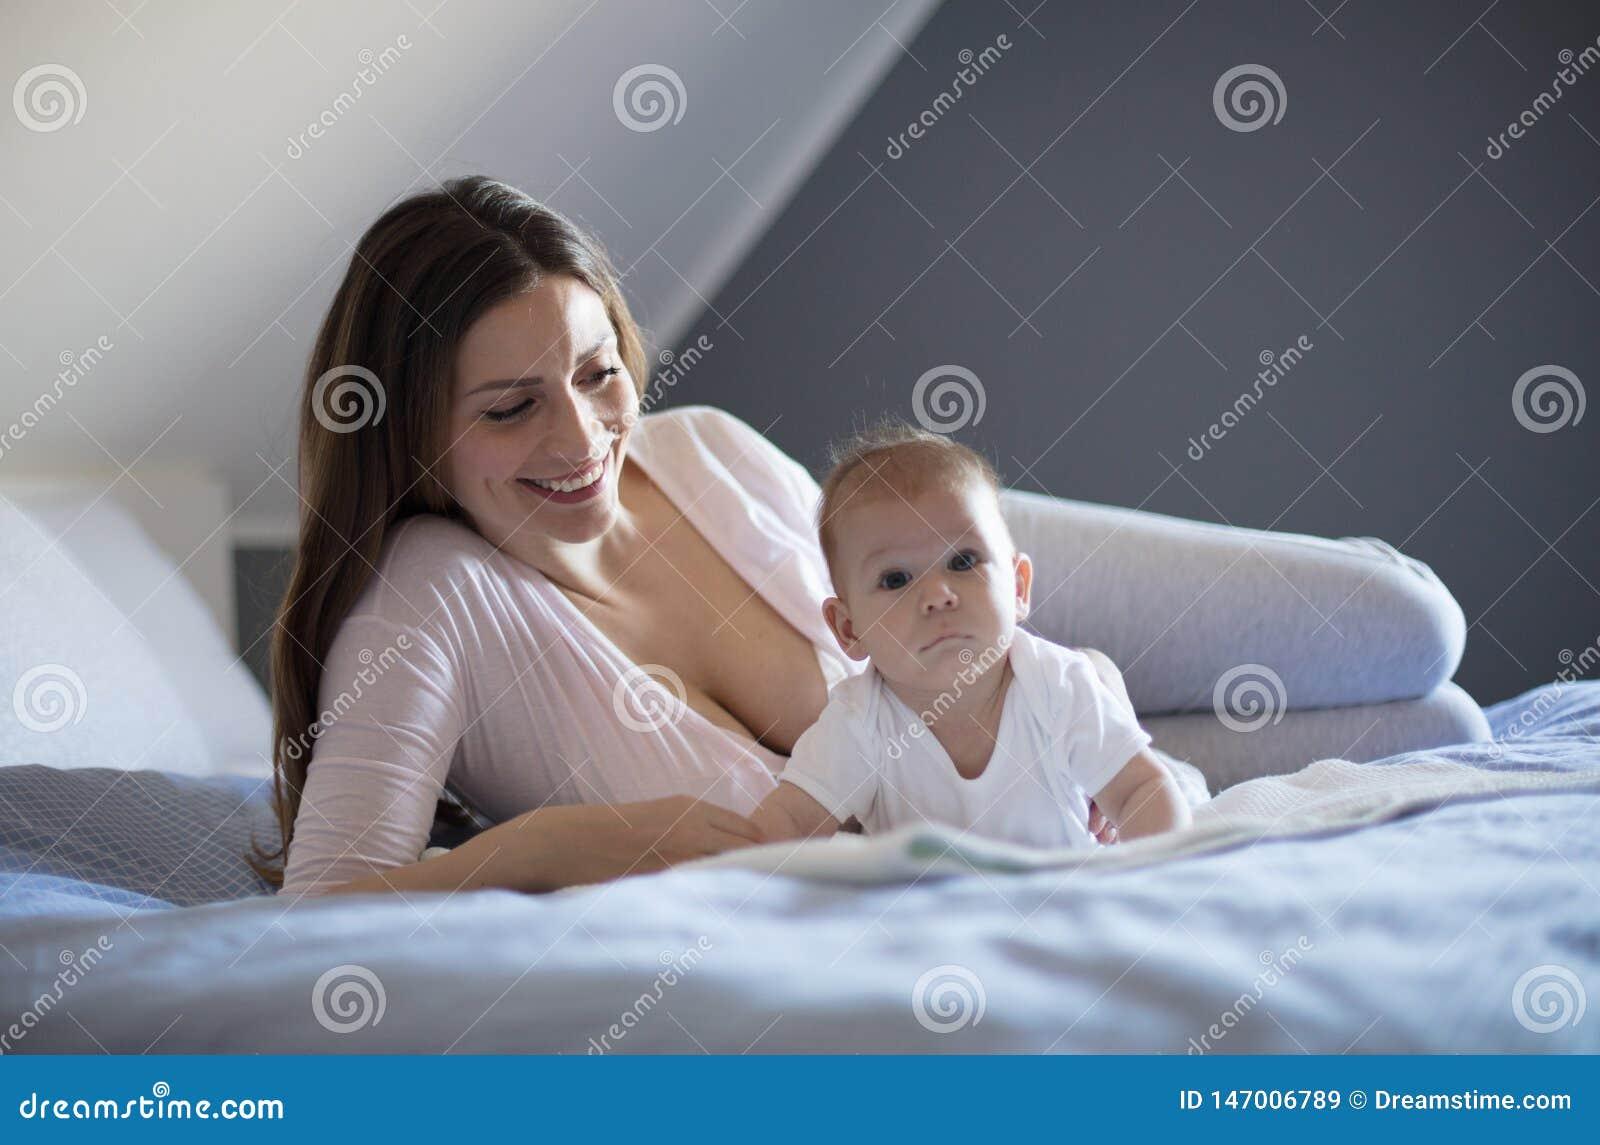 Материнство изумительно с это милое маленькое одним